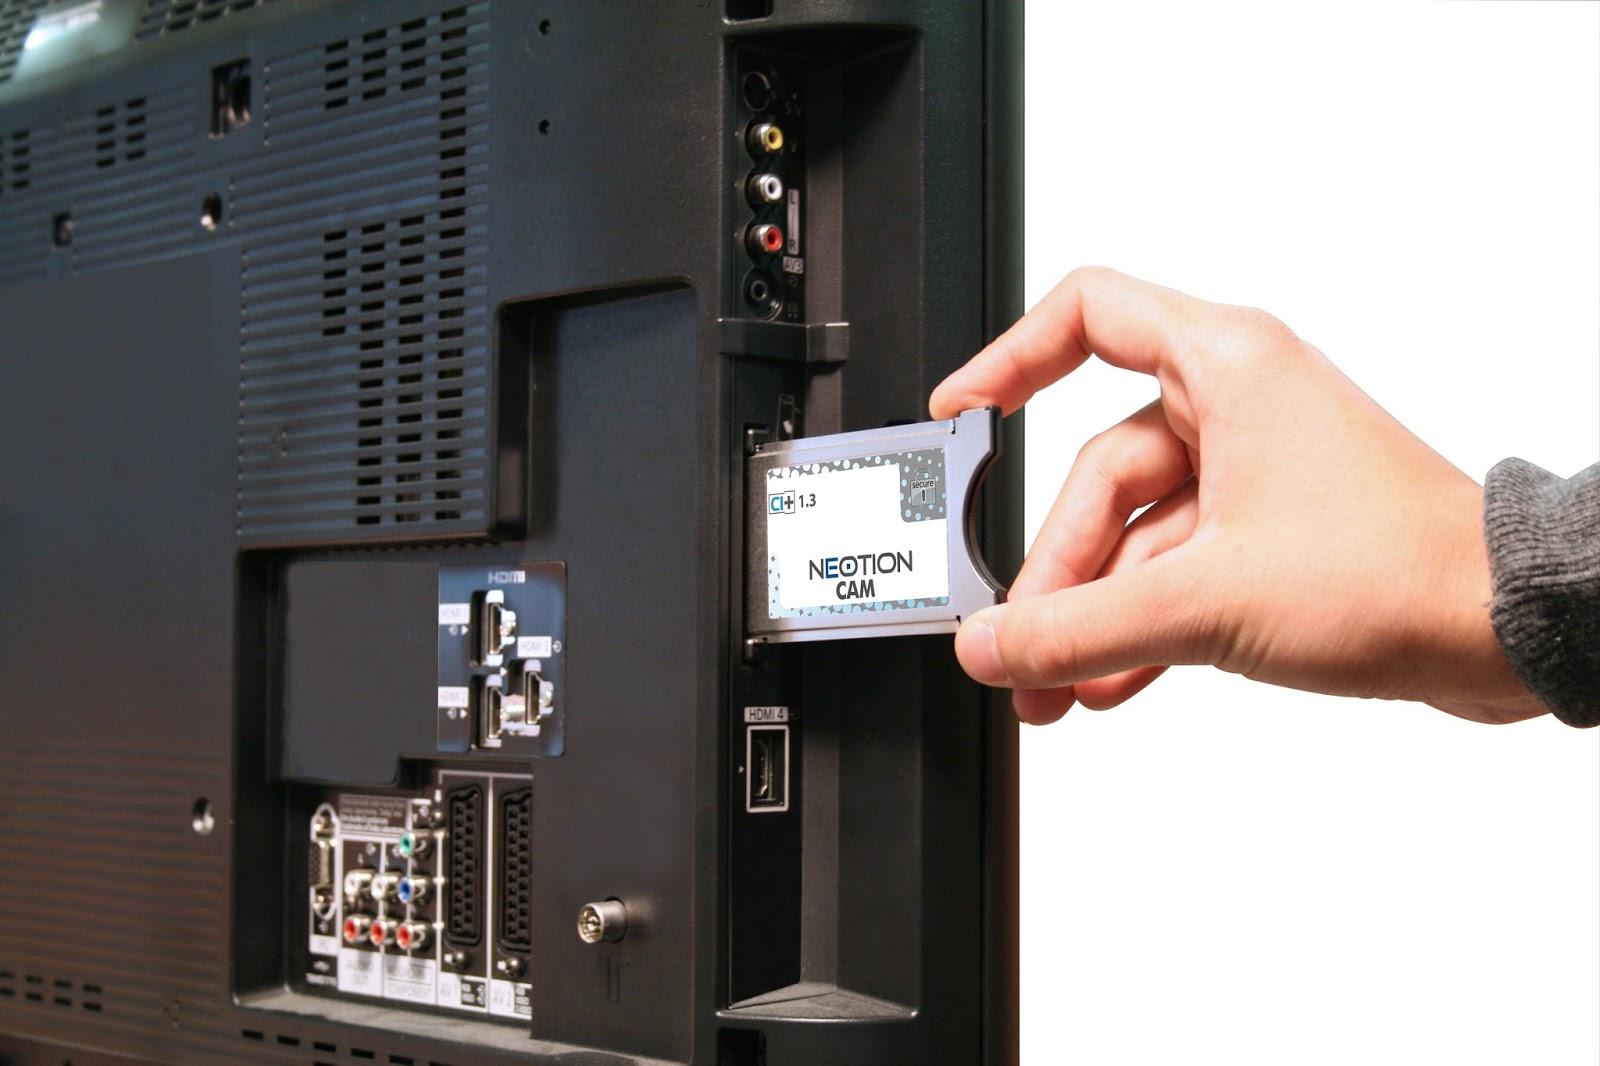 Приобретая новый телевизор, лучше отдать предпочтение модели, в которой уже стоит встроенный ресивер